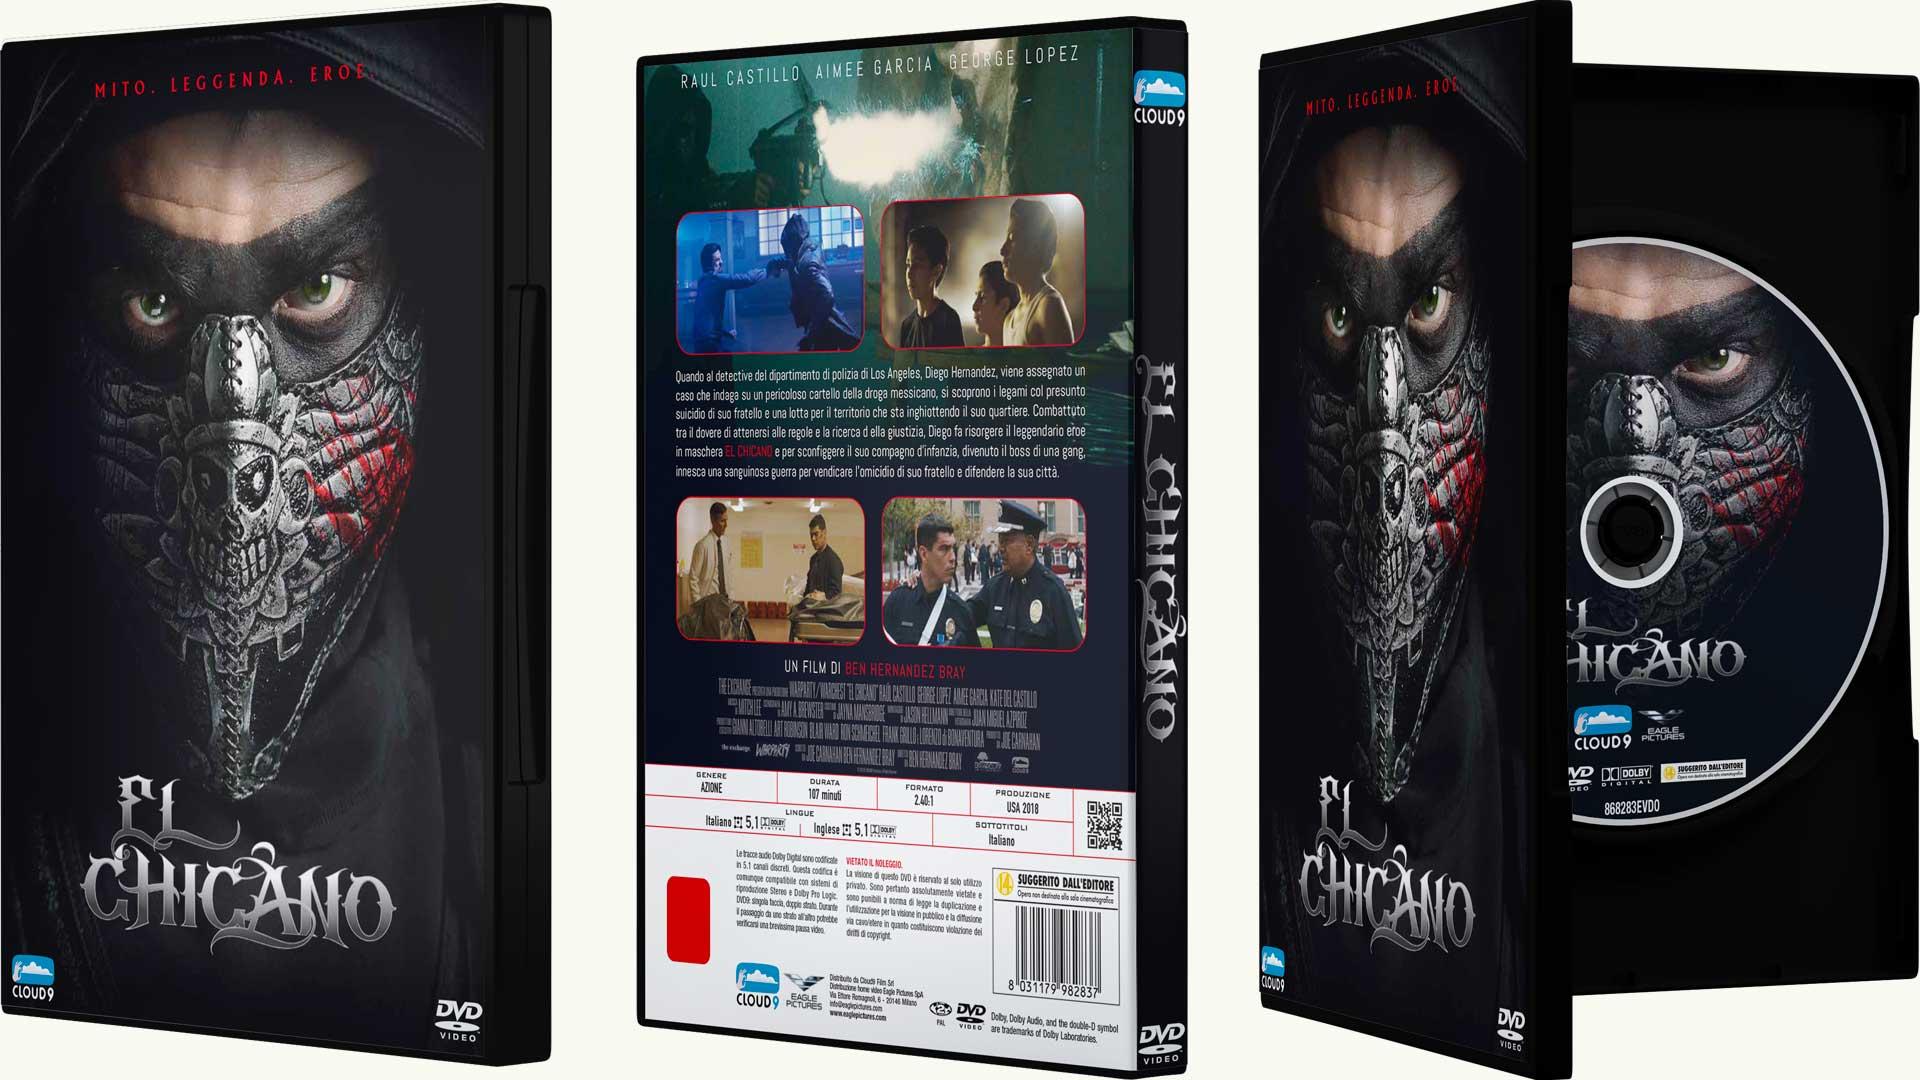 El Chicano pubblicato in DVD